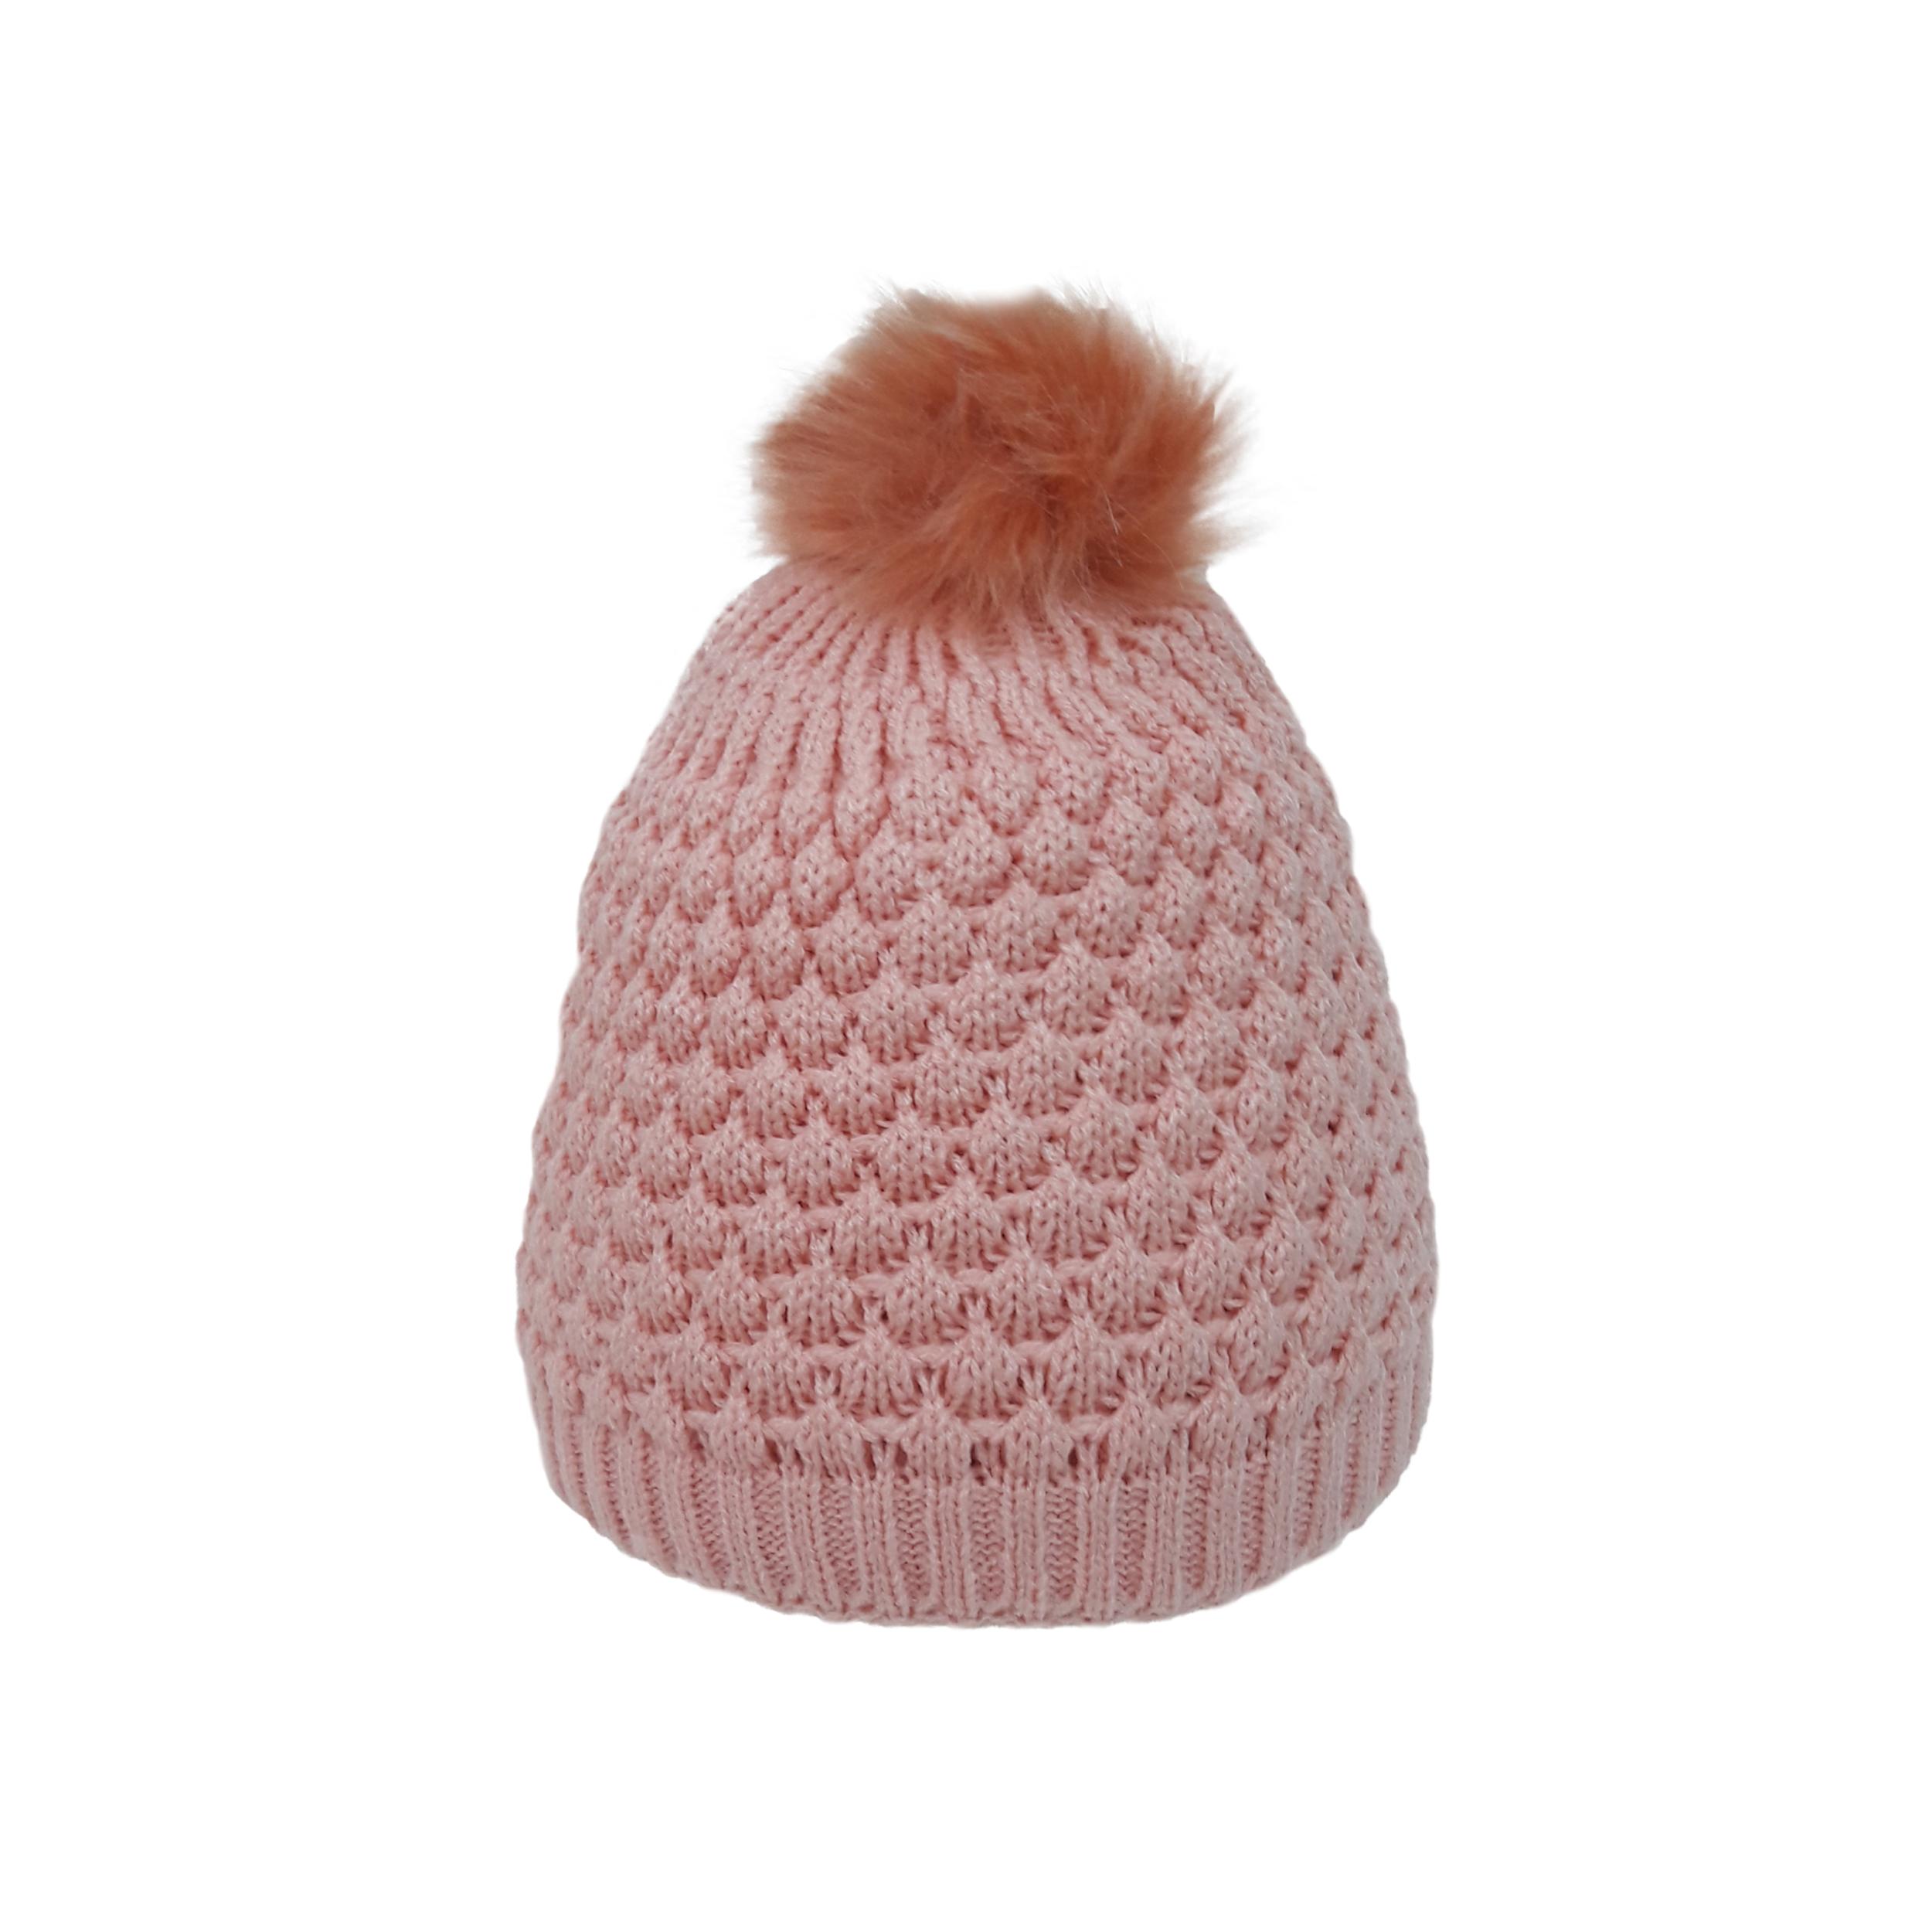 کلاه بافتنی دخترانه تولیدی منوچهری کد gf57